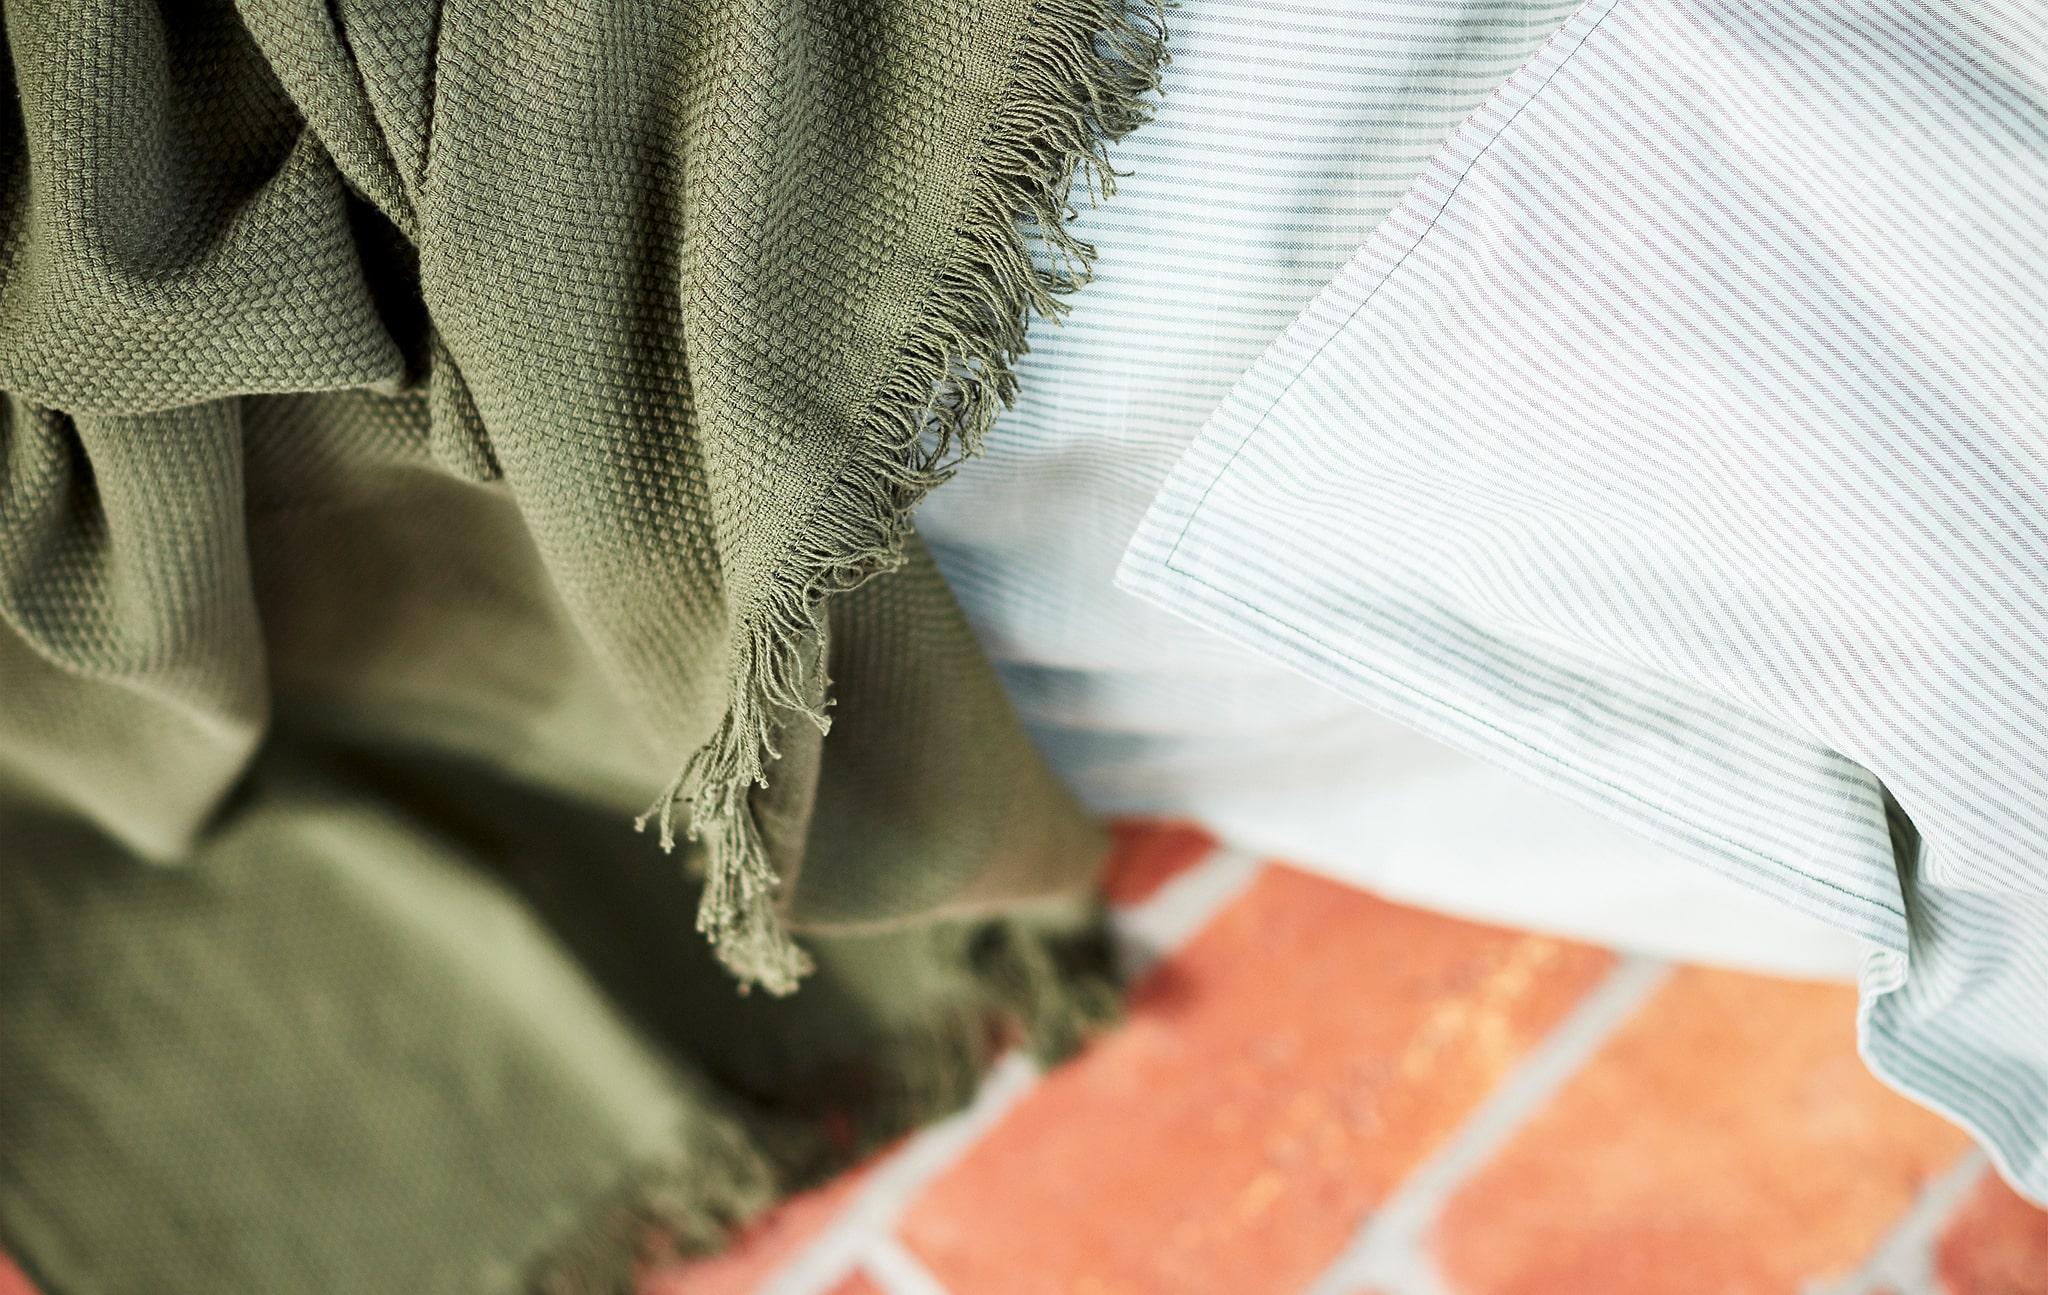 Tampilan dekat dari selimut warna hijau dan kain bergaris abu-abu muda, diletakkan di lantai batu warna merah.